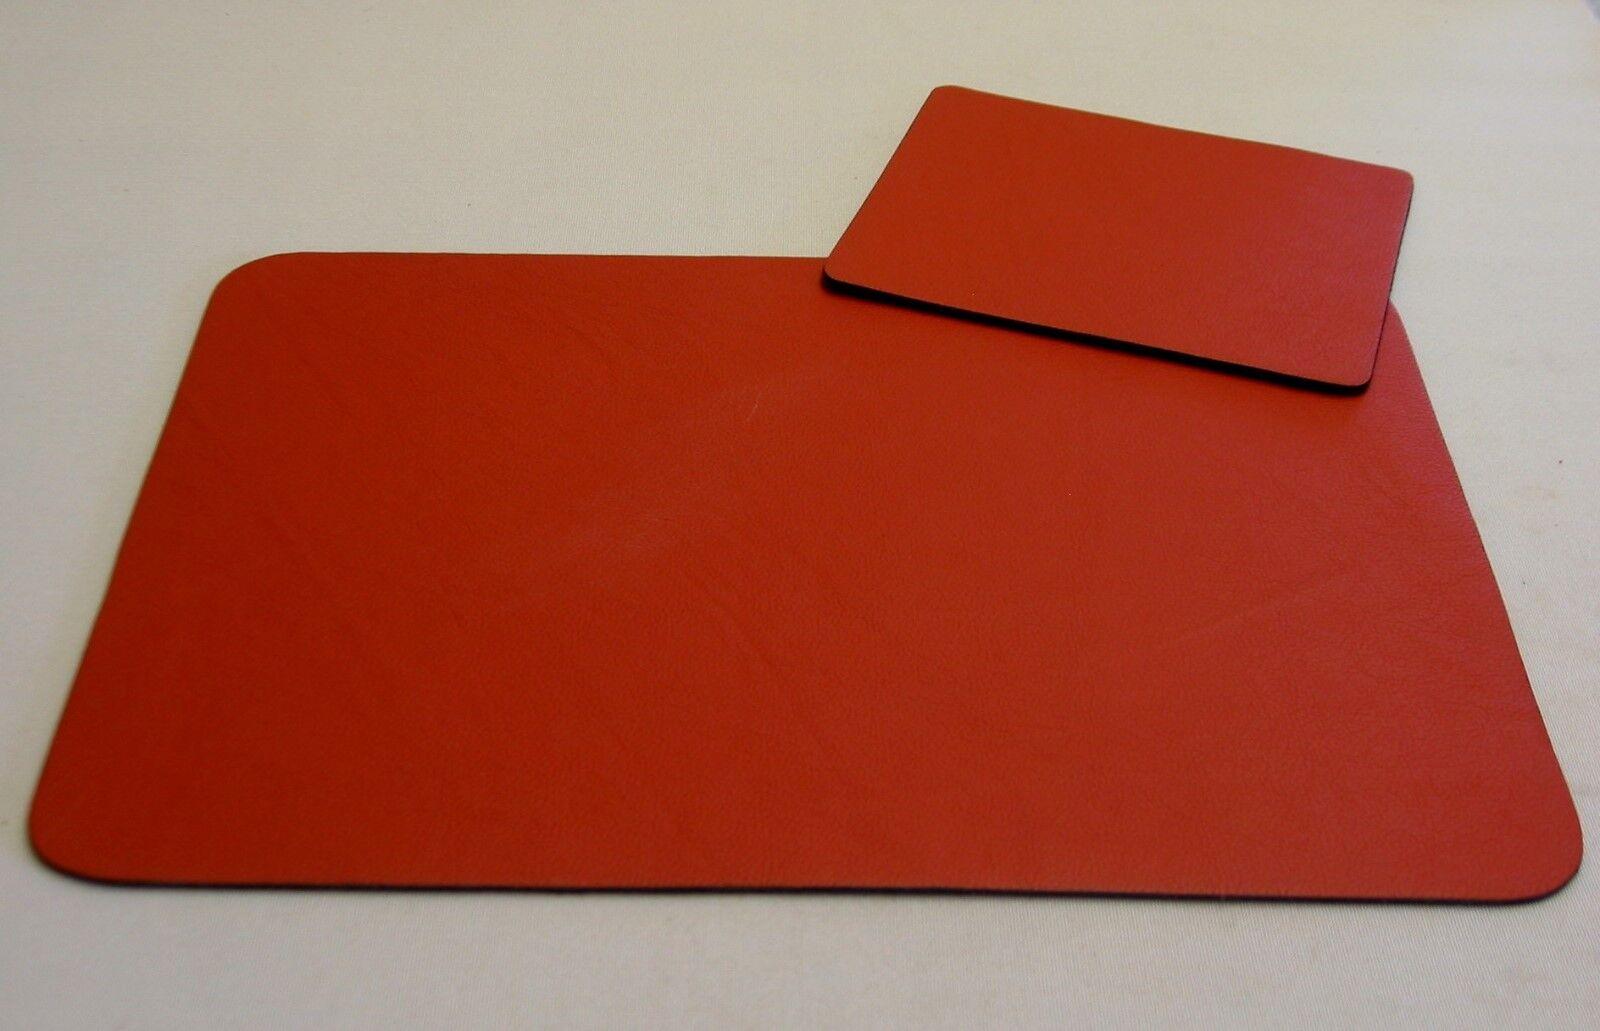 LEDER Schreibunterlage + Mauspad NEU 60cm x 45cm TERRACOTTA Filz- Unterseite 1A  | Moderater Preis  | Großartig  | Hat einen langen Ruf